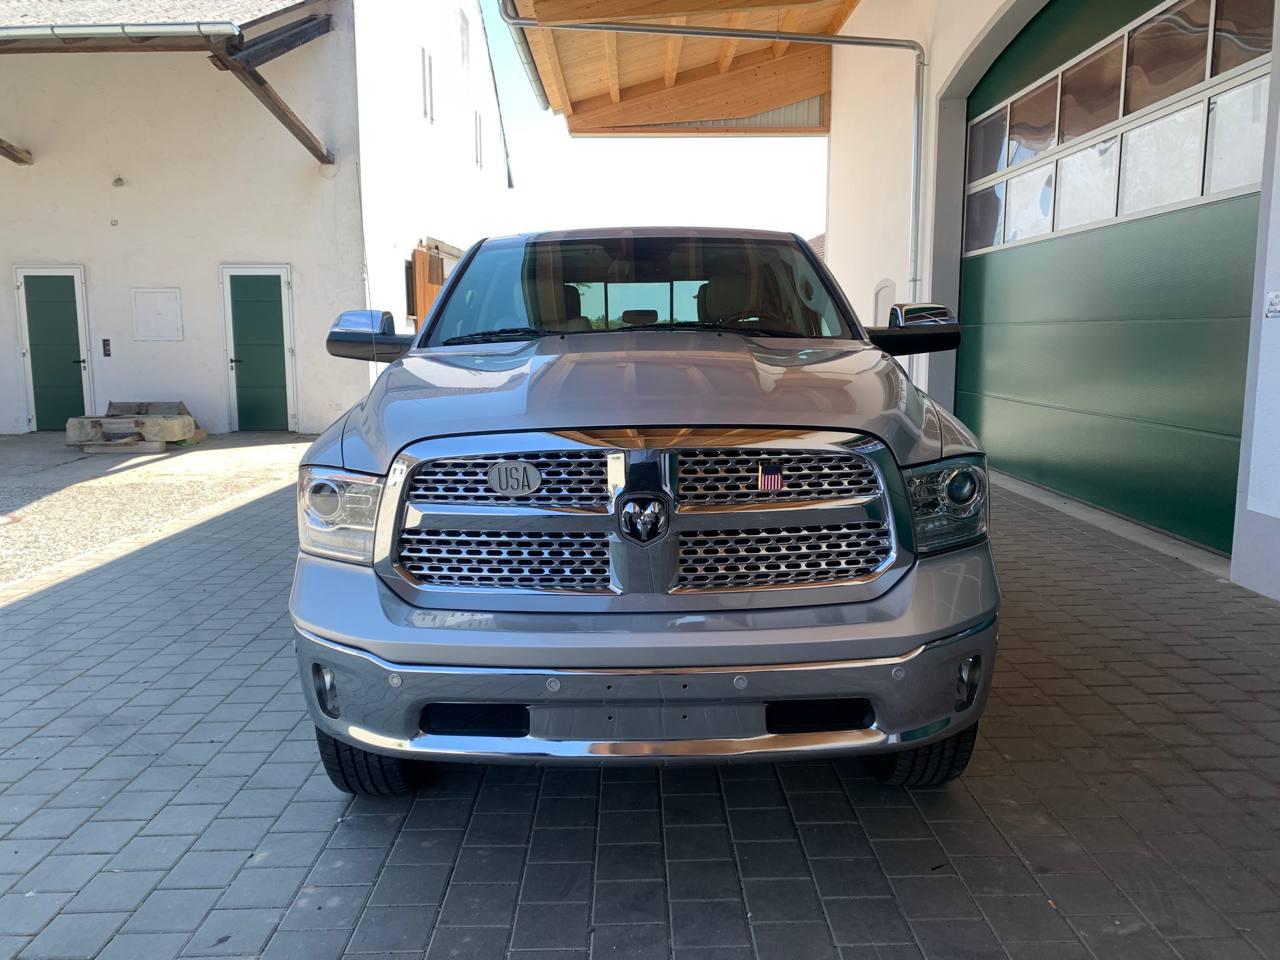 Gebraucht Dodge Ram Laramie kaufen